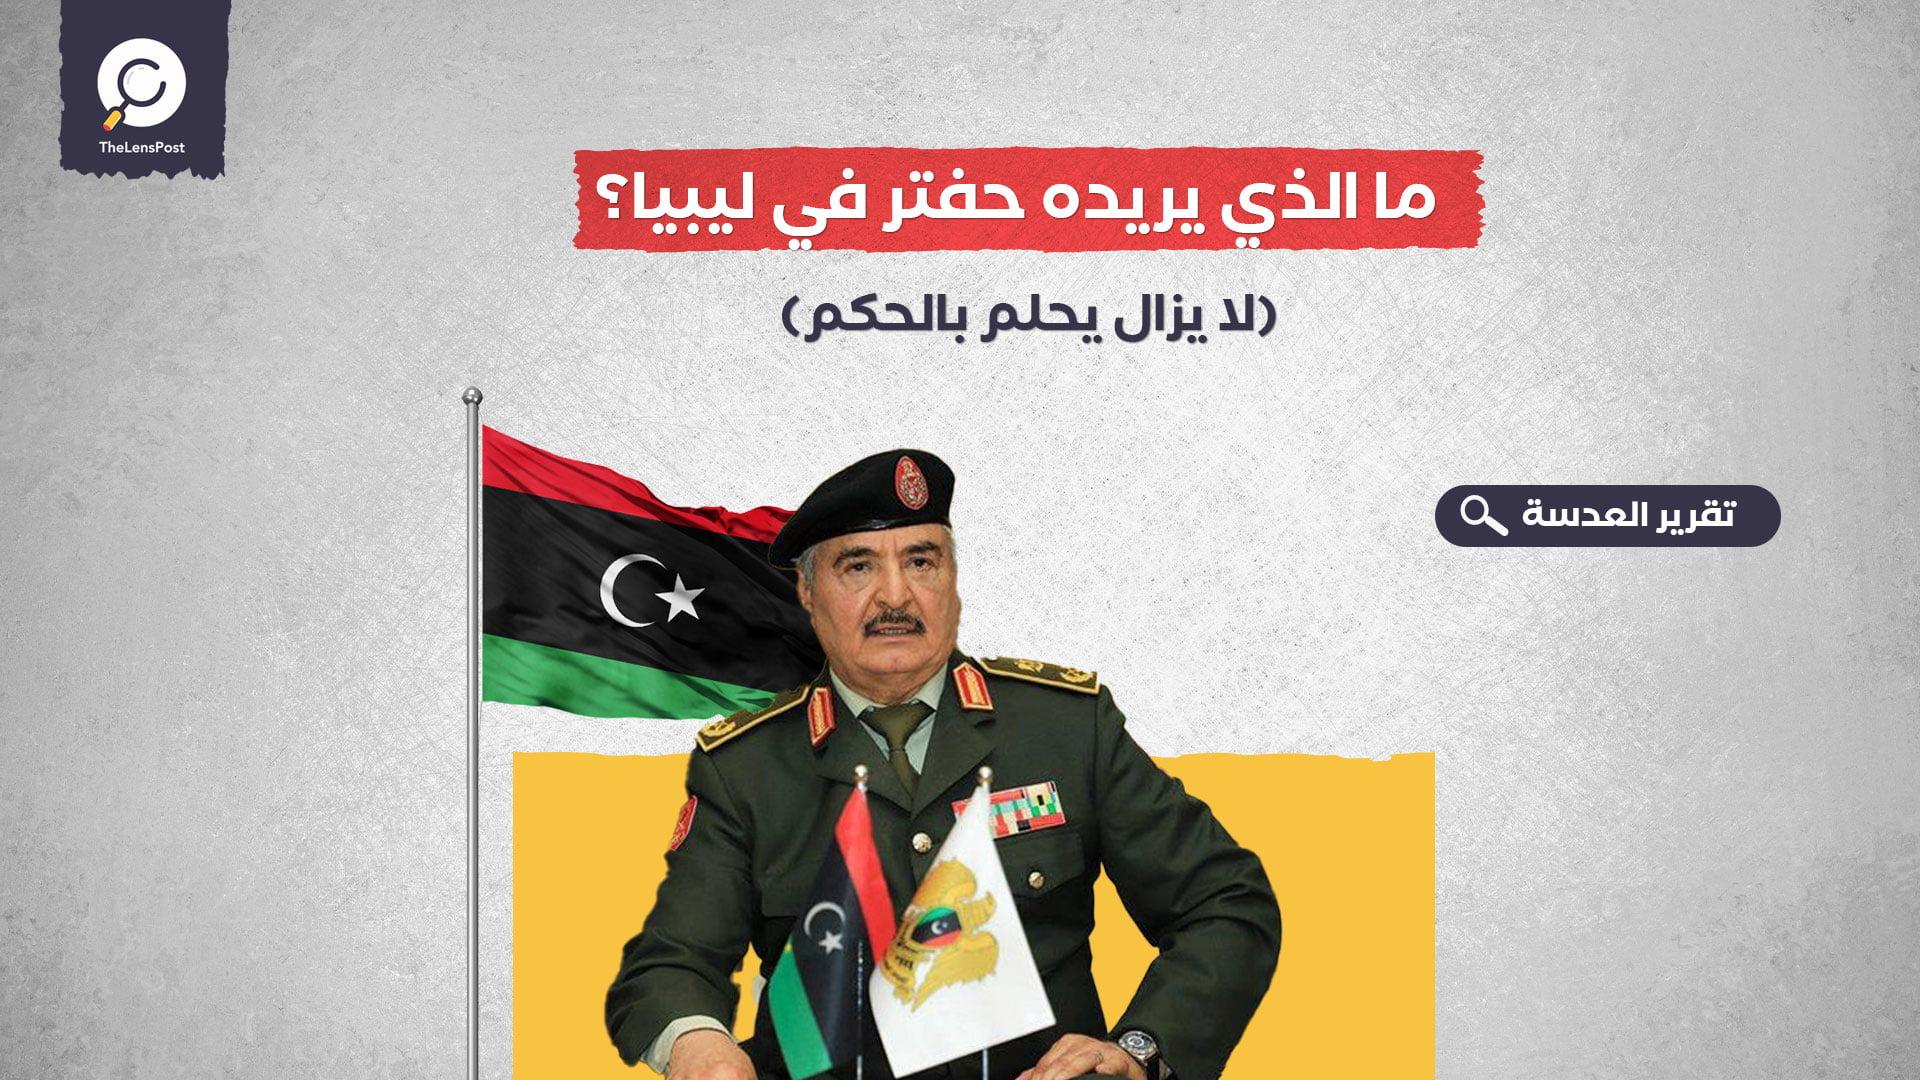 ما الذي يريده حفتر في ليبيا؟